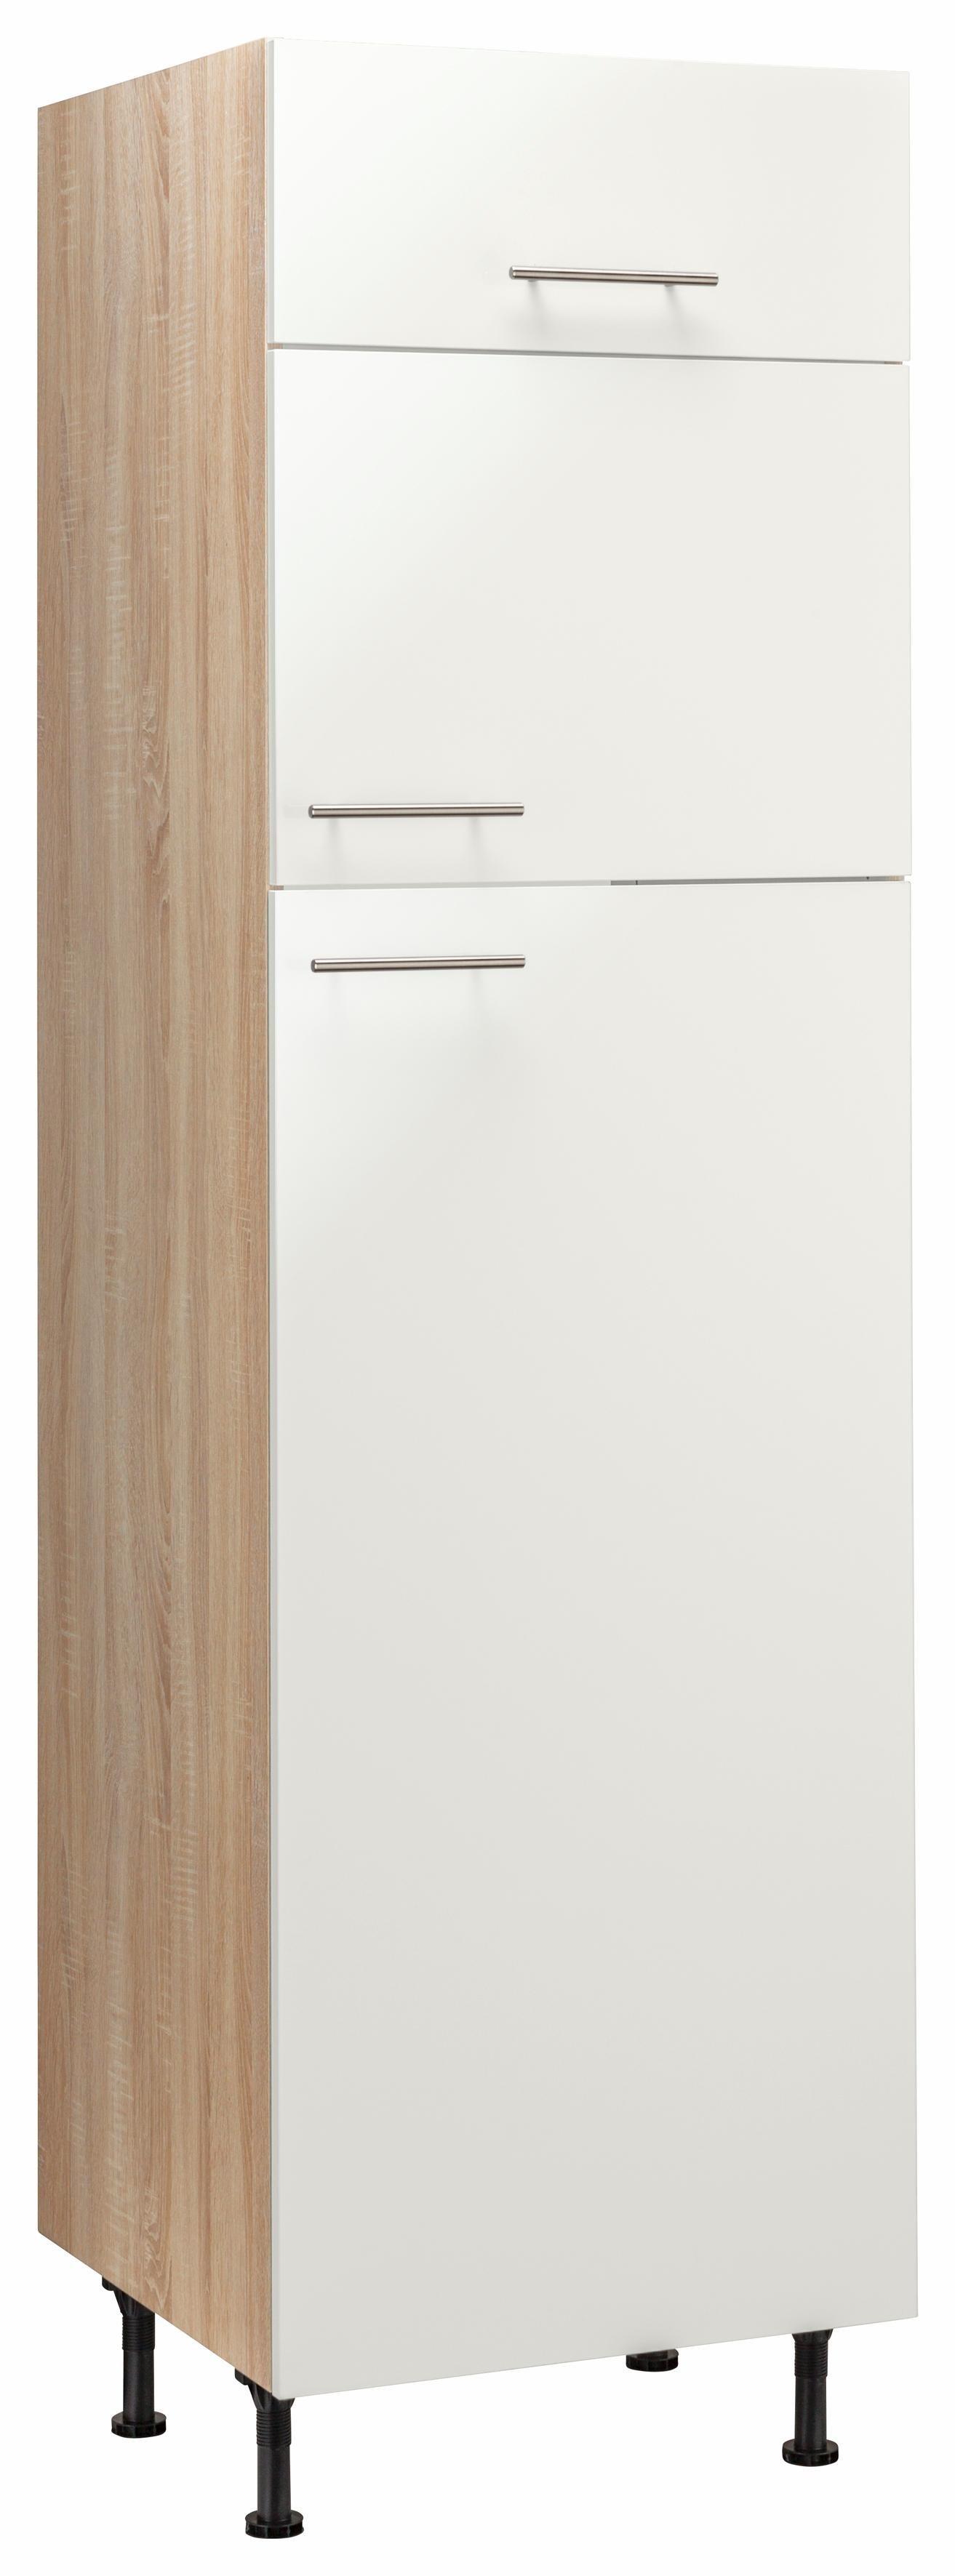 OPTIFIT Kühlumbauschrank »Aue« | Küche und Esszimmer > Küchenschränke > Umbauschränke | Hell - Weiß - Matt - Glanz | Eiche - Edelstahl - Melamin | OPTIFIT